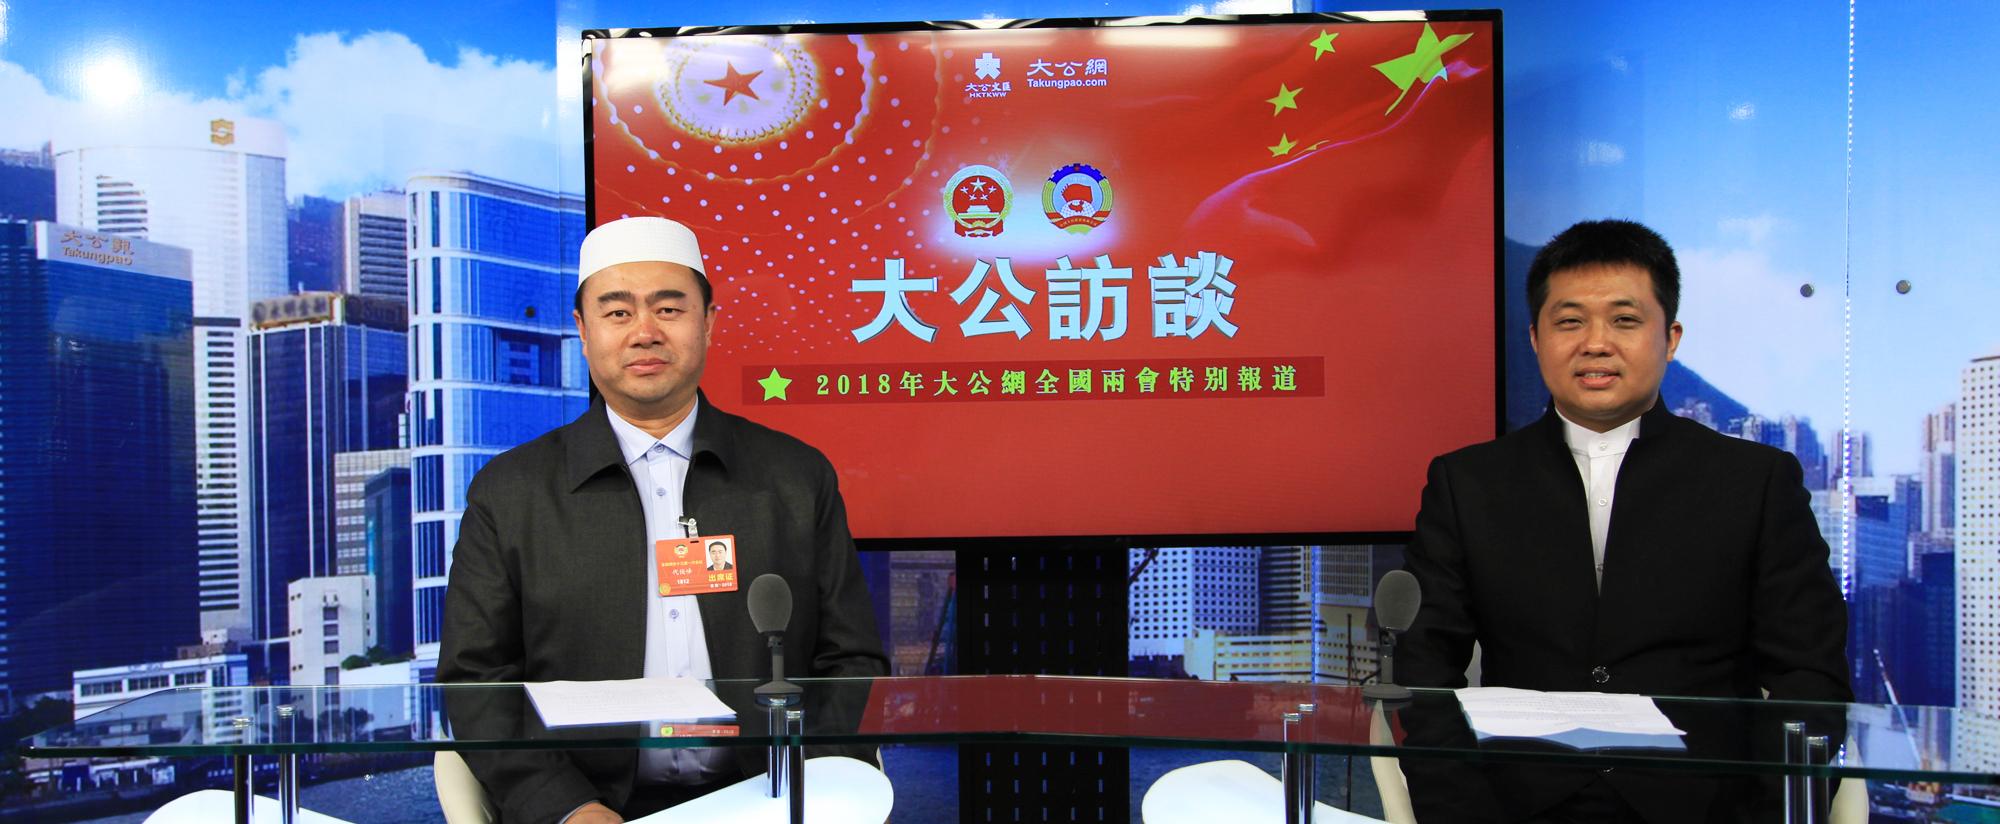 全国政协委员代俊峰:肩负起新时代宗教界代表人士的使命